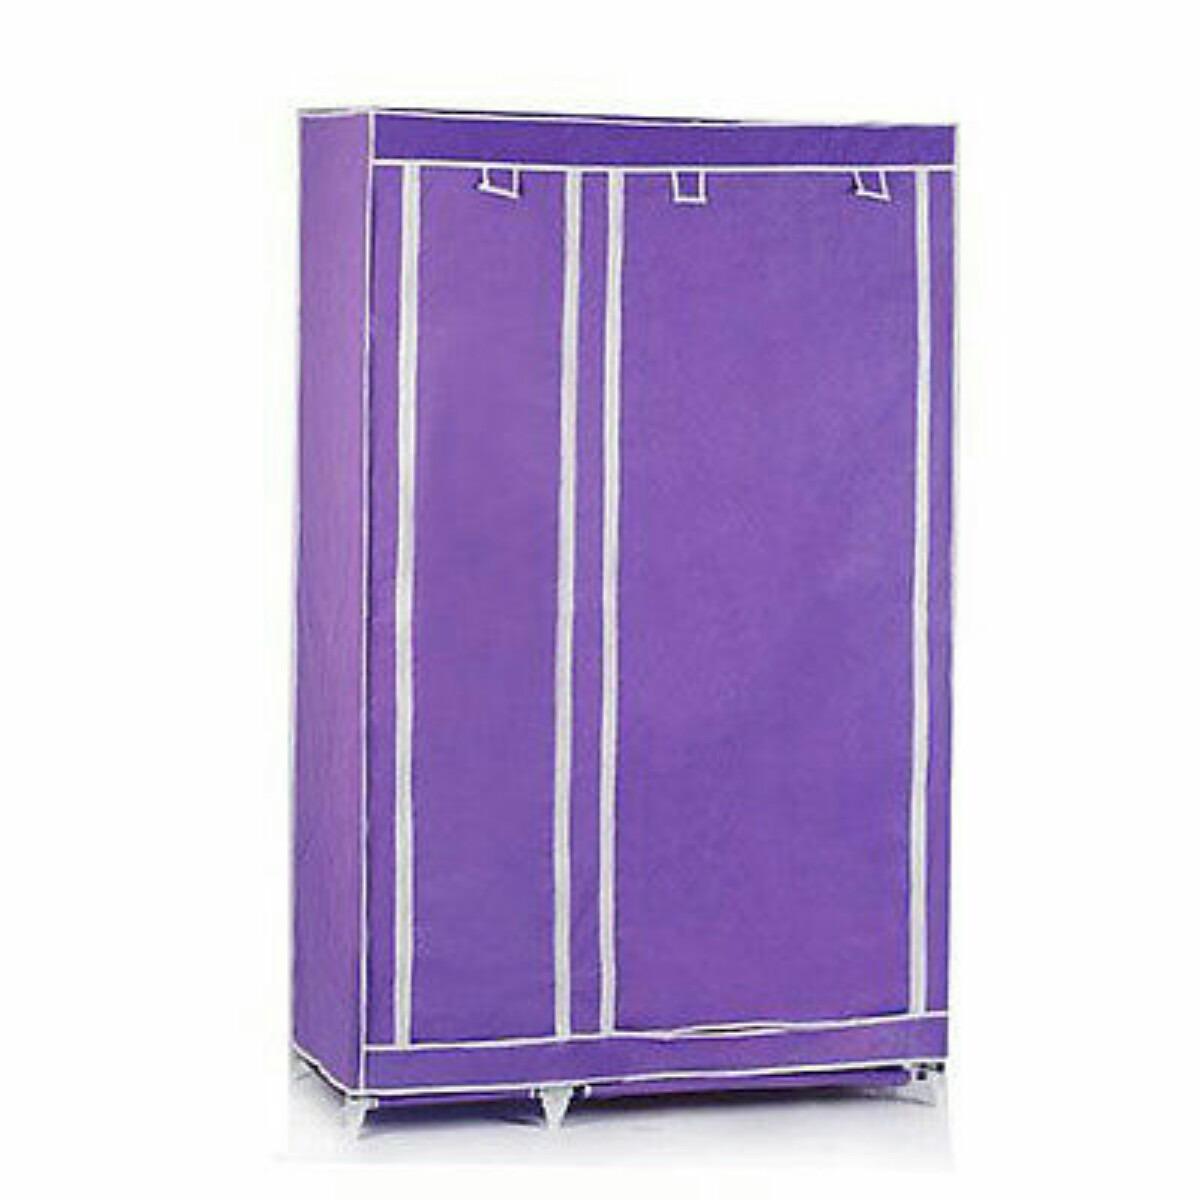 Mueble para ropa mercadolibre - Barras de pared para colgar ropa ...